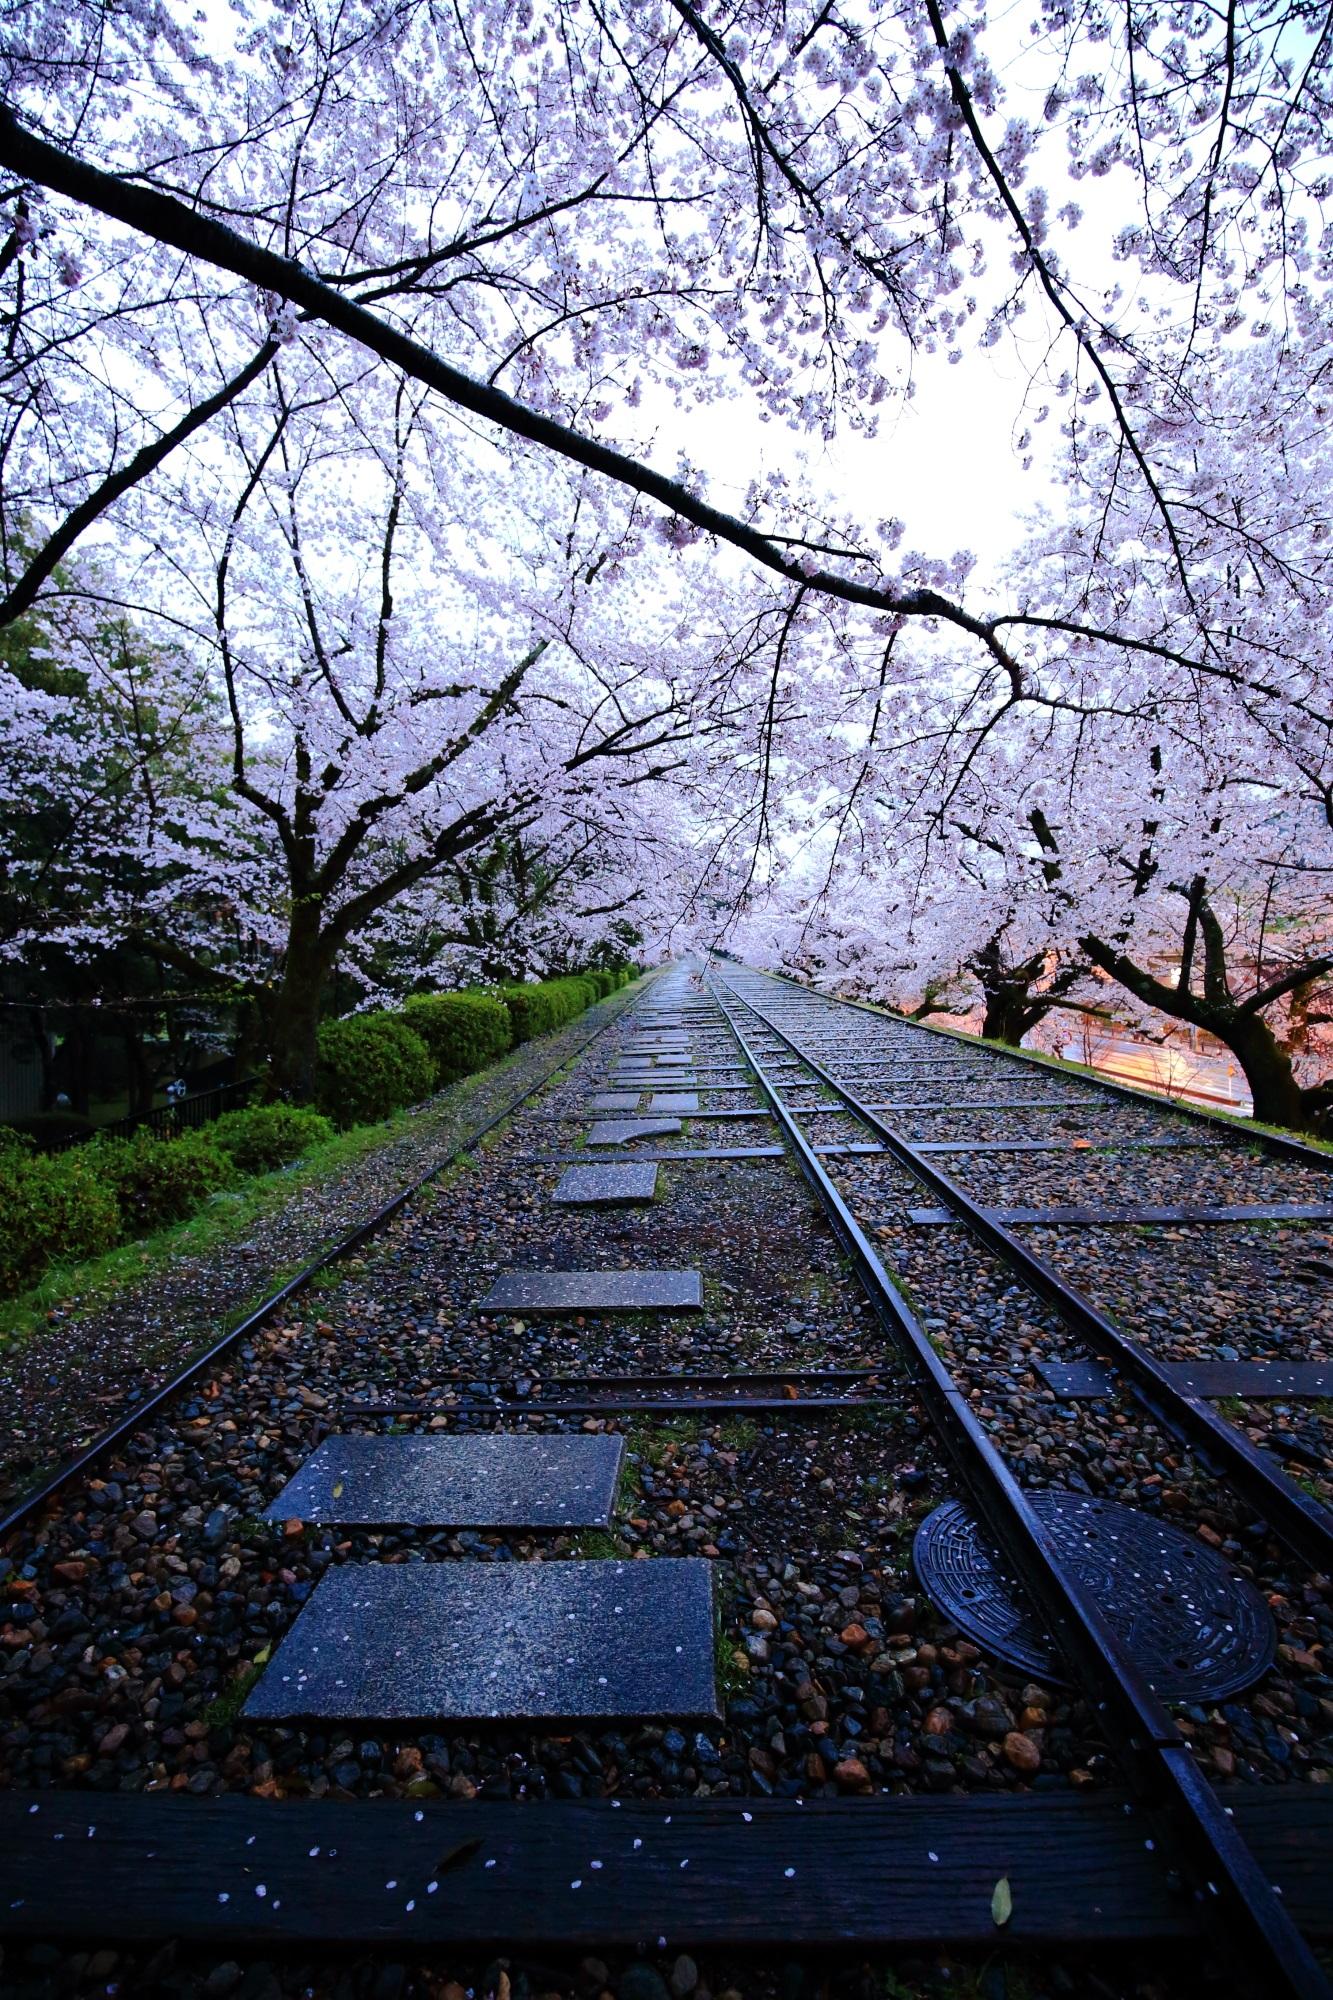 独特の風景を演出する淡い桜と上品な散り桜